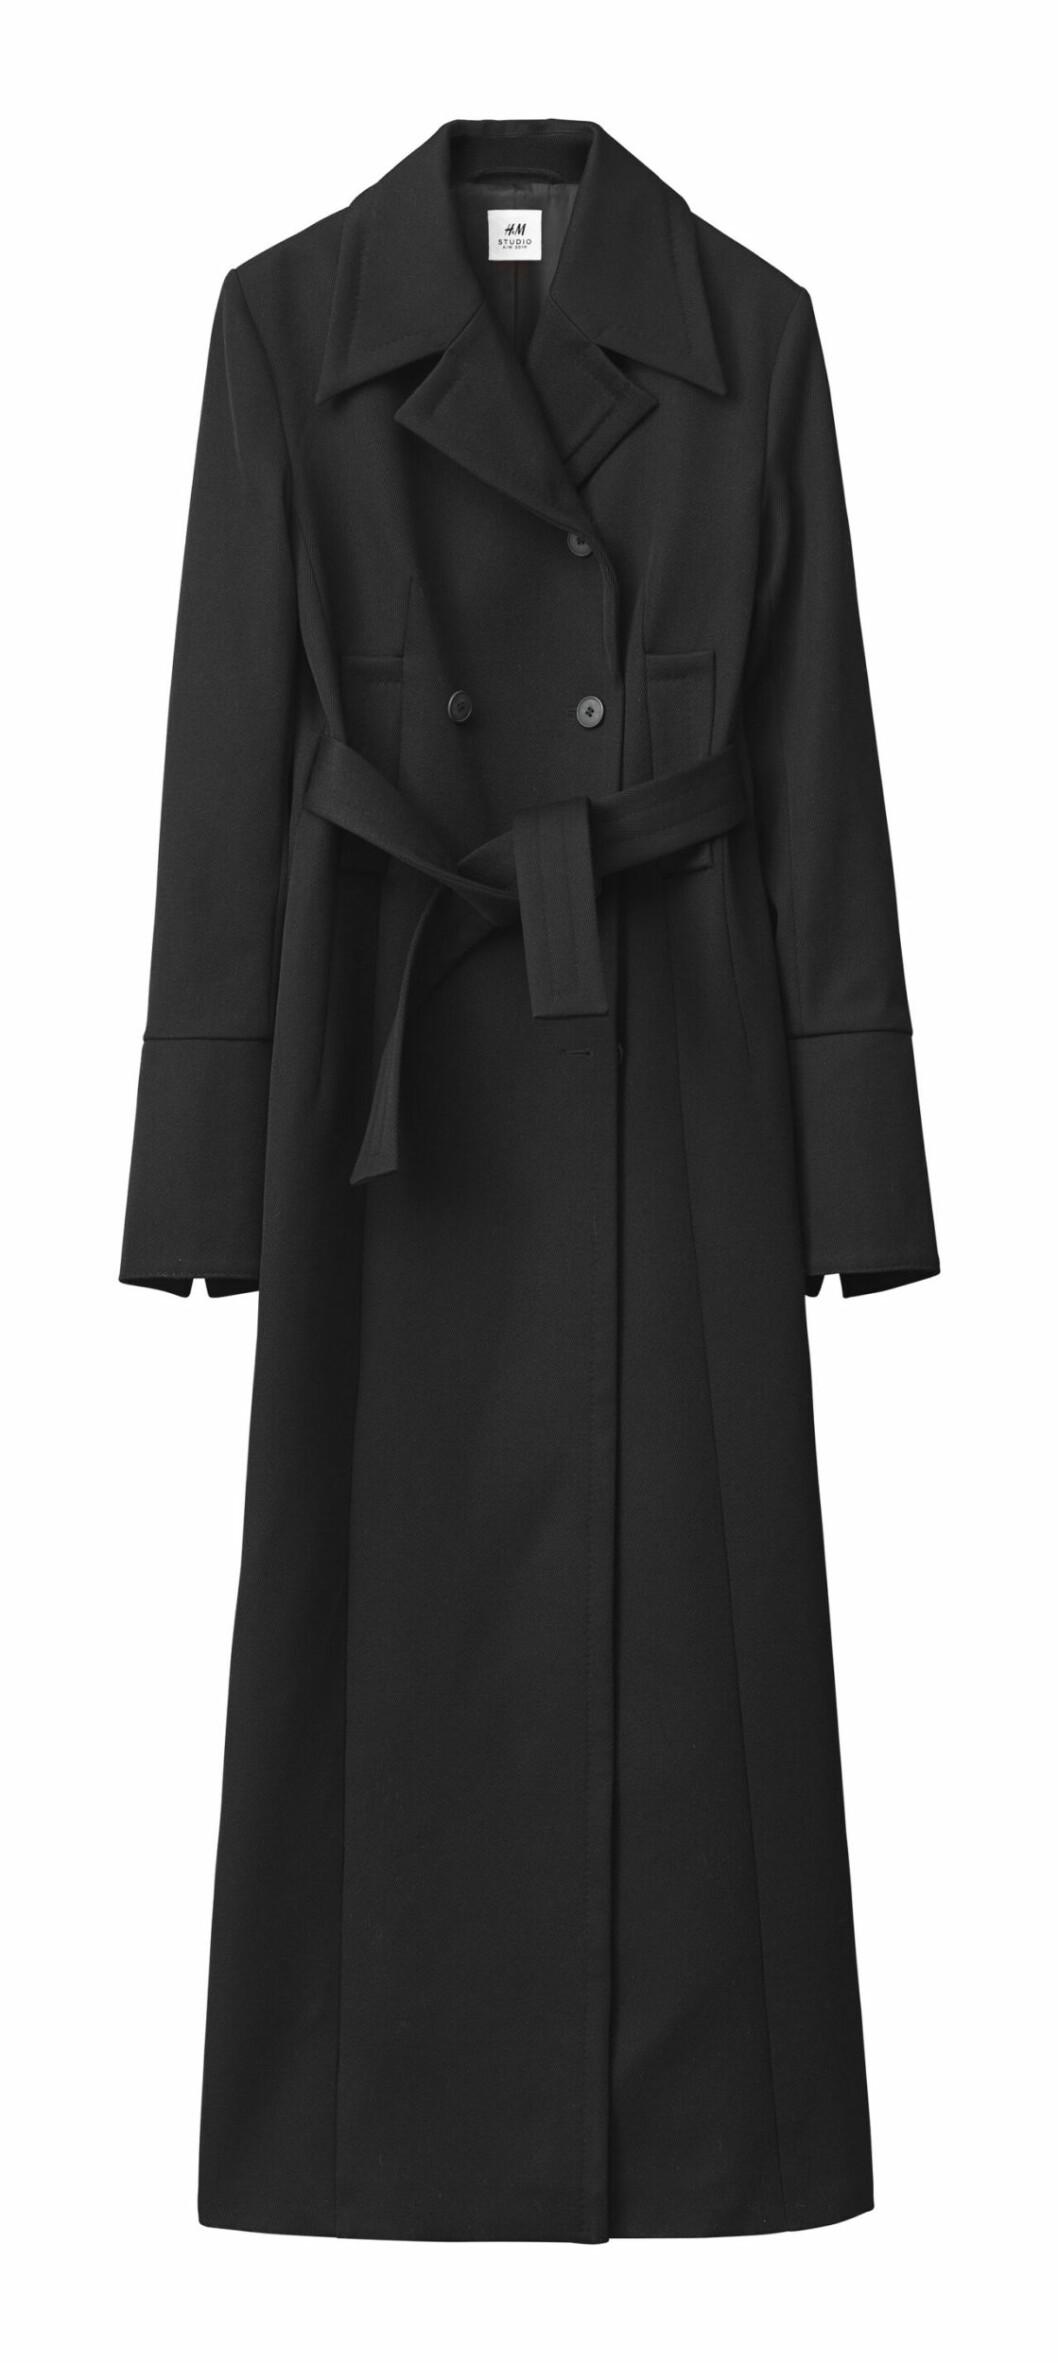 H&M Studio höstkollektion aw 2019 – svart ullkappa i lång modell